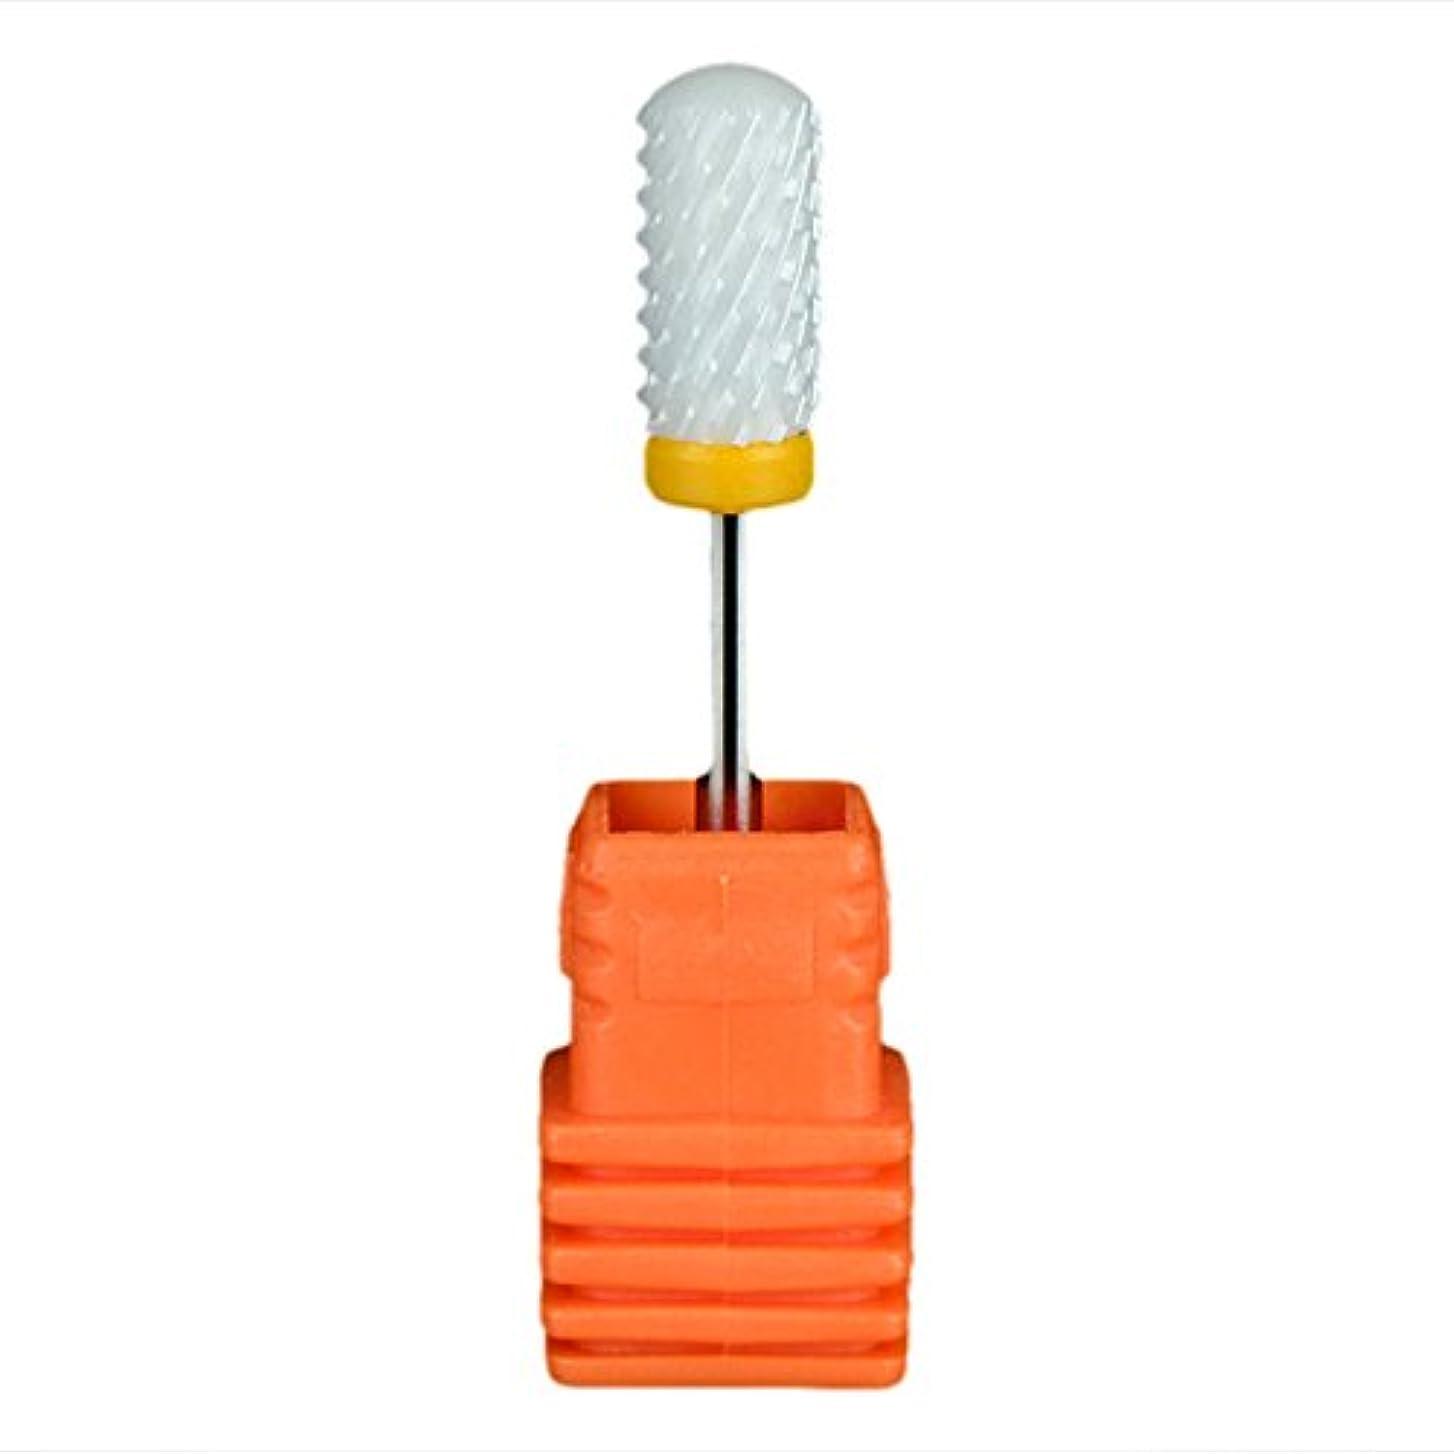 競合他社選手管理聖なるSemoic ネイルセラミックドリルビット 回転ジェルネイルサロンツール 3/32インチのマニキュア ホワイト+オレンジ色